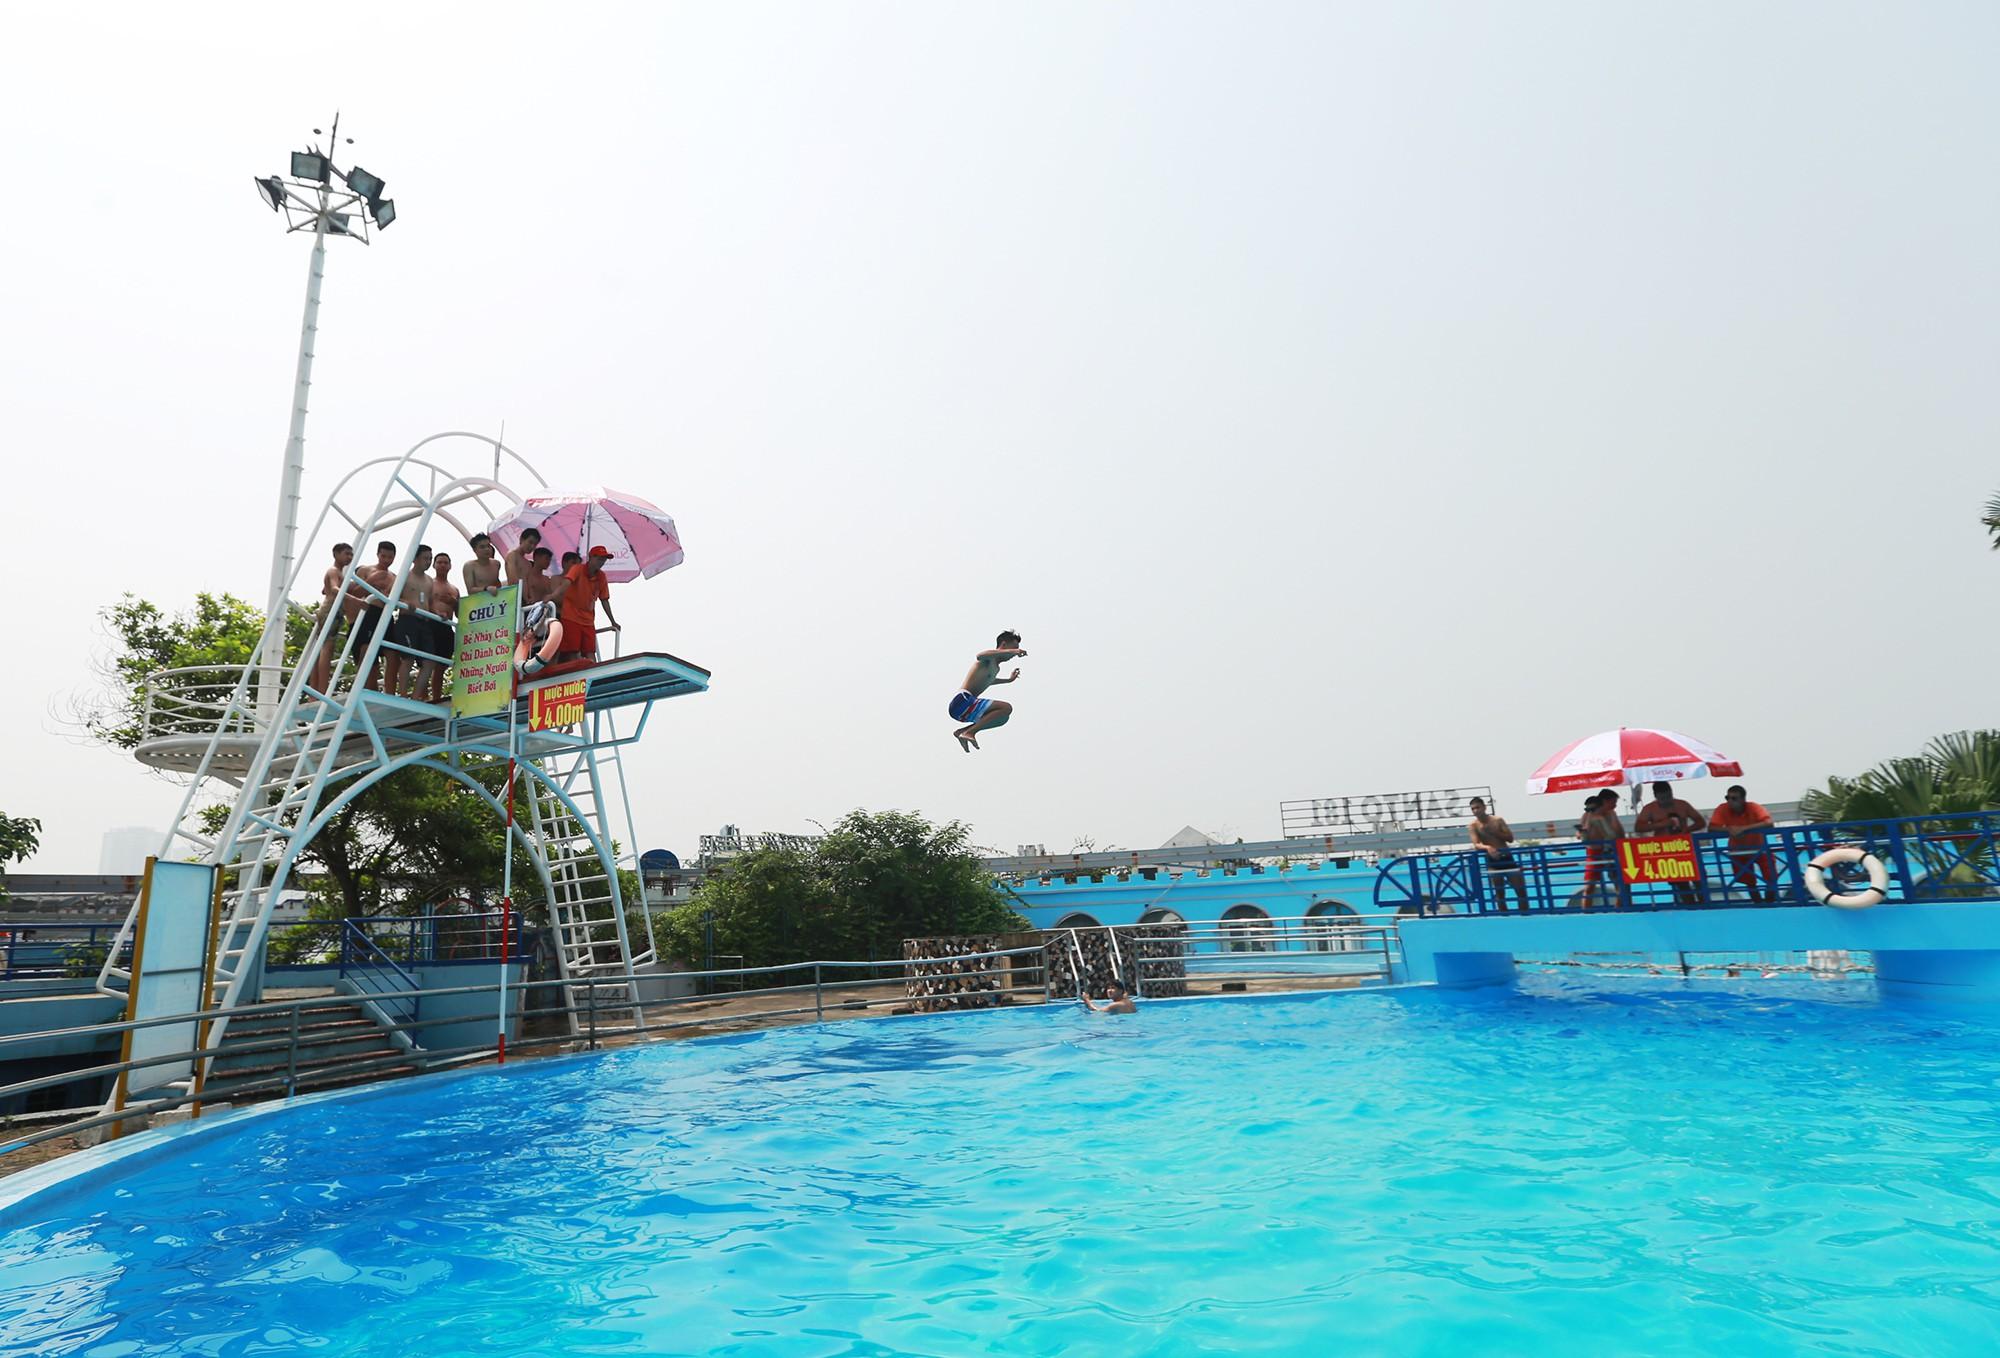 Hà Nội: Gần 1 vạn người đổ về công viên Hồ Tây ngày cuối tuần - Ảnh 8.